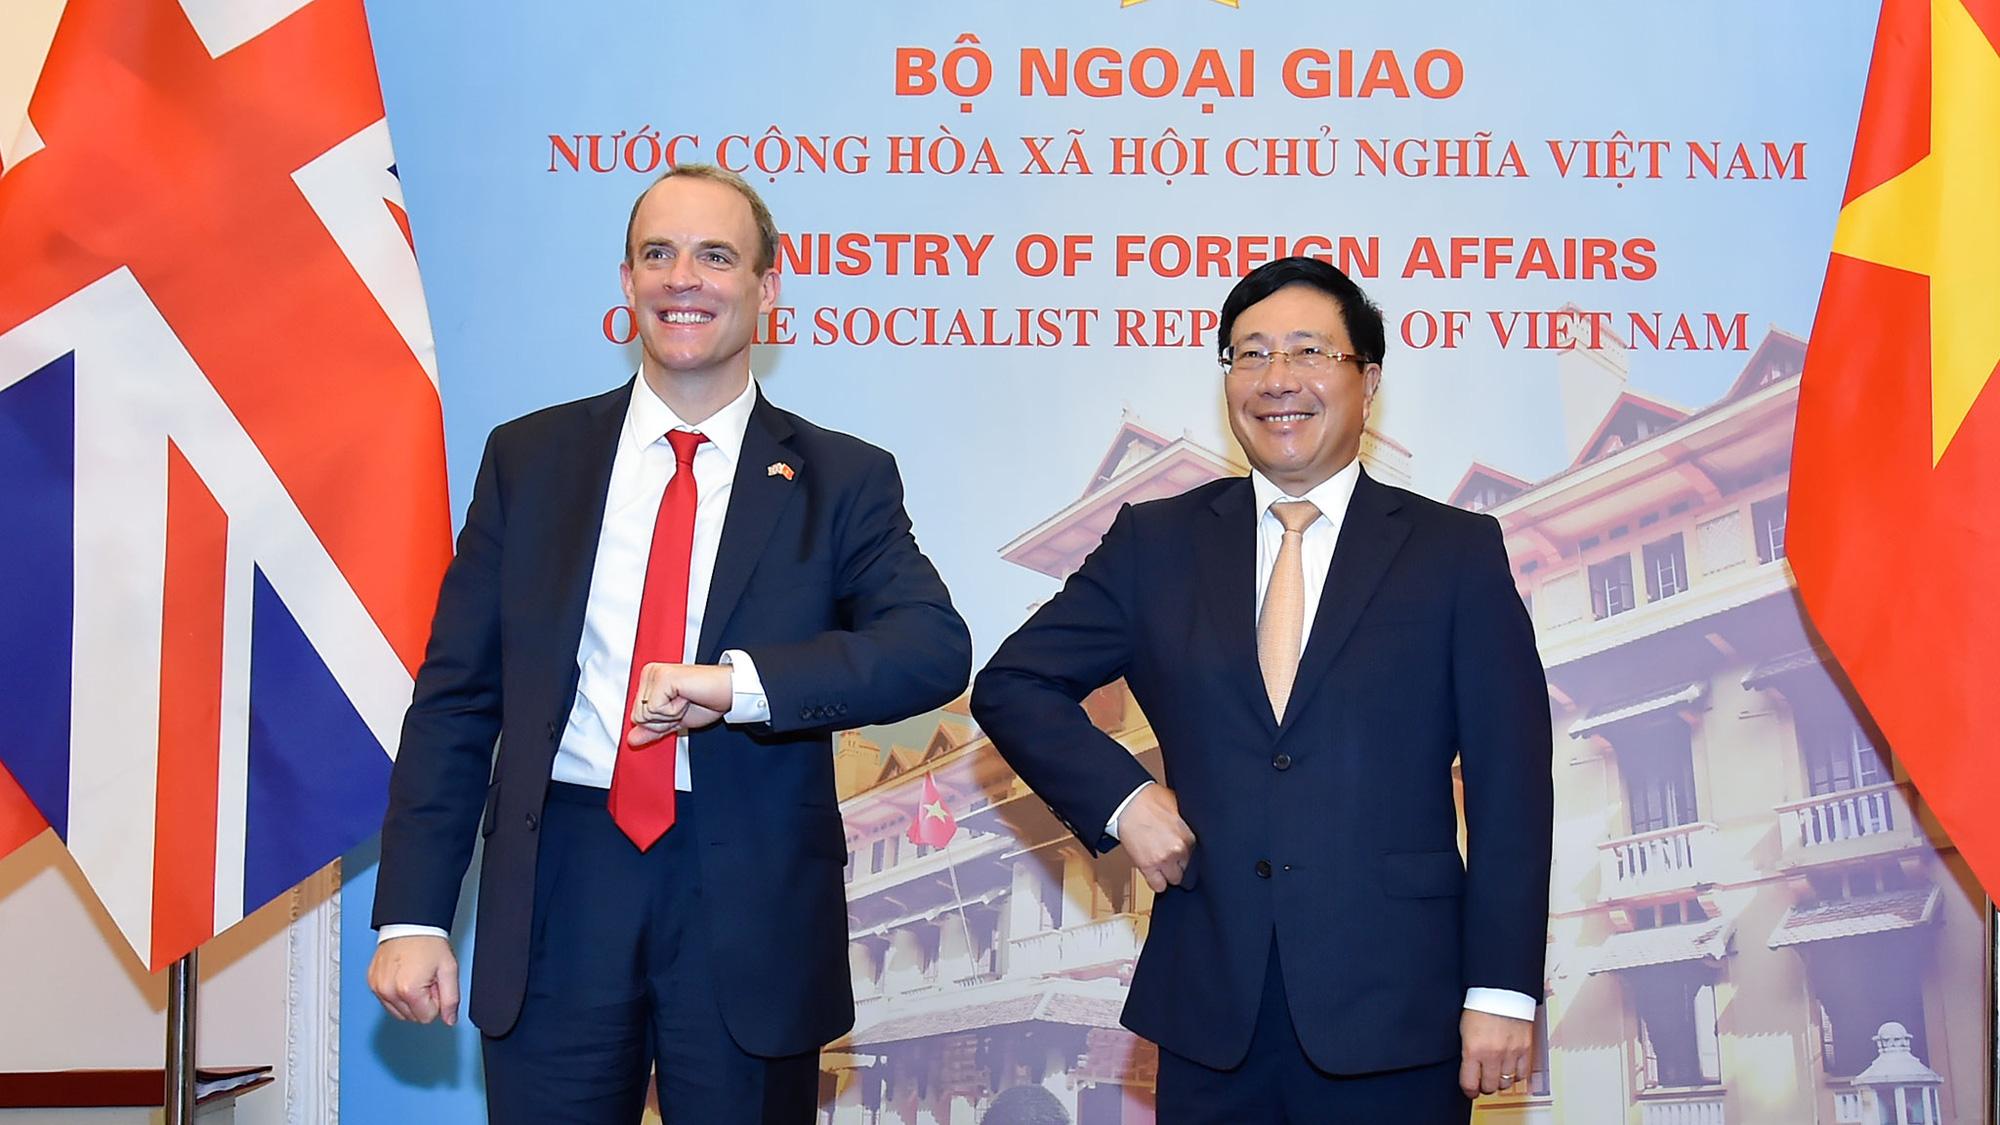 Việt Nam đồng ý áp dụng EVFTA với Anh trong giai đoạn Brexit - Ảnh 1.